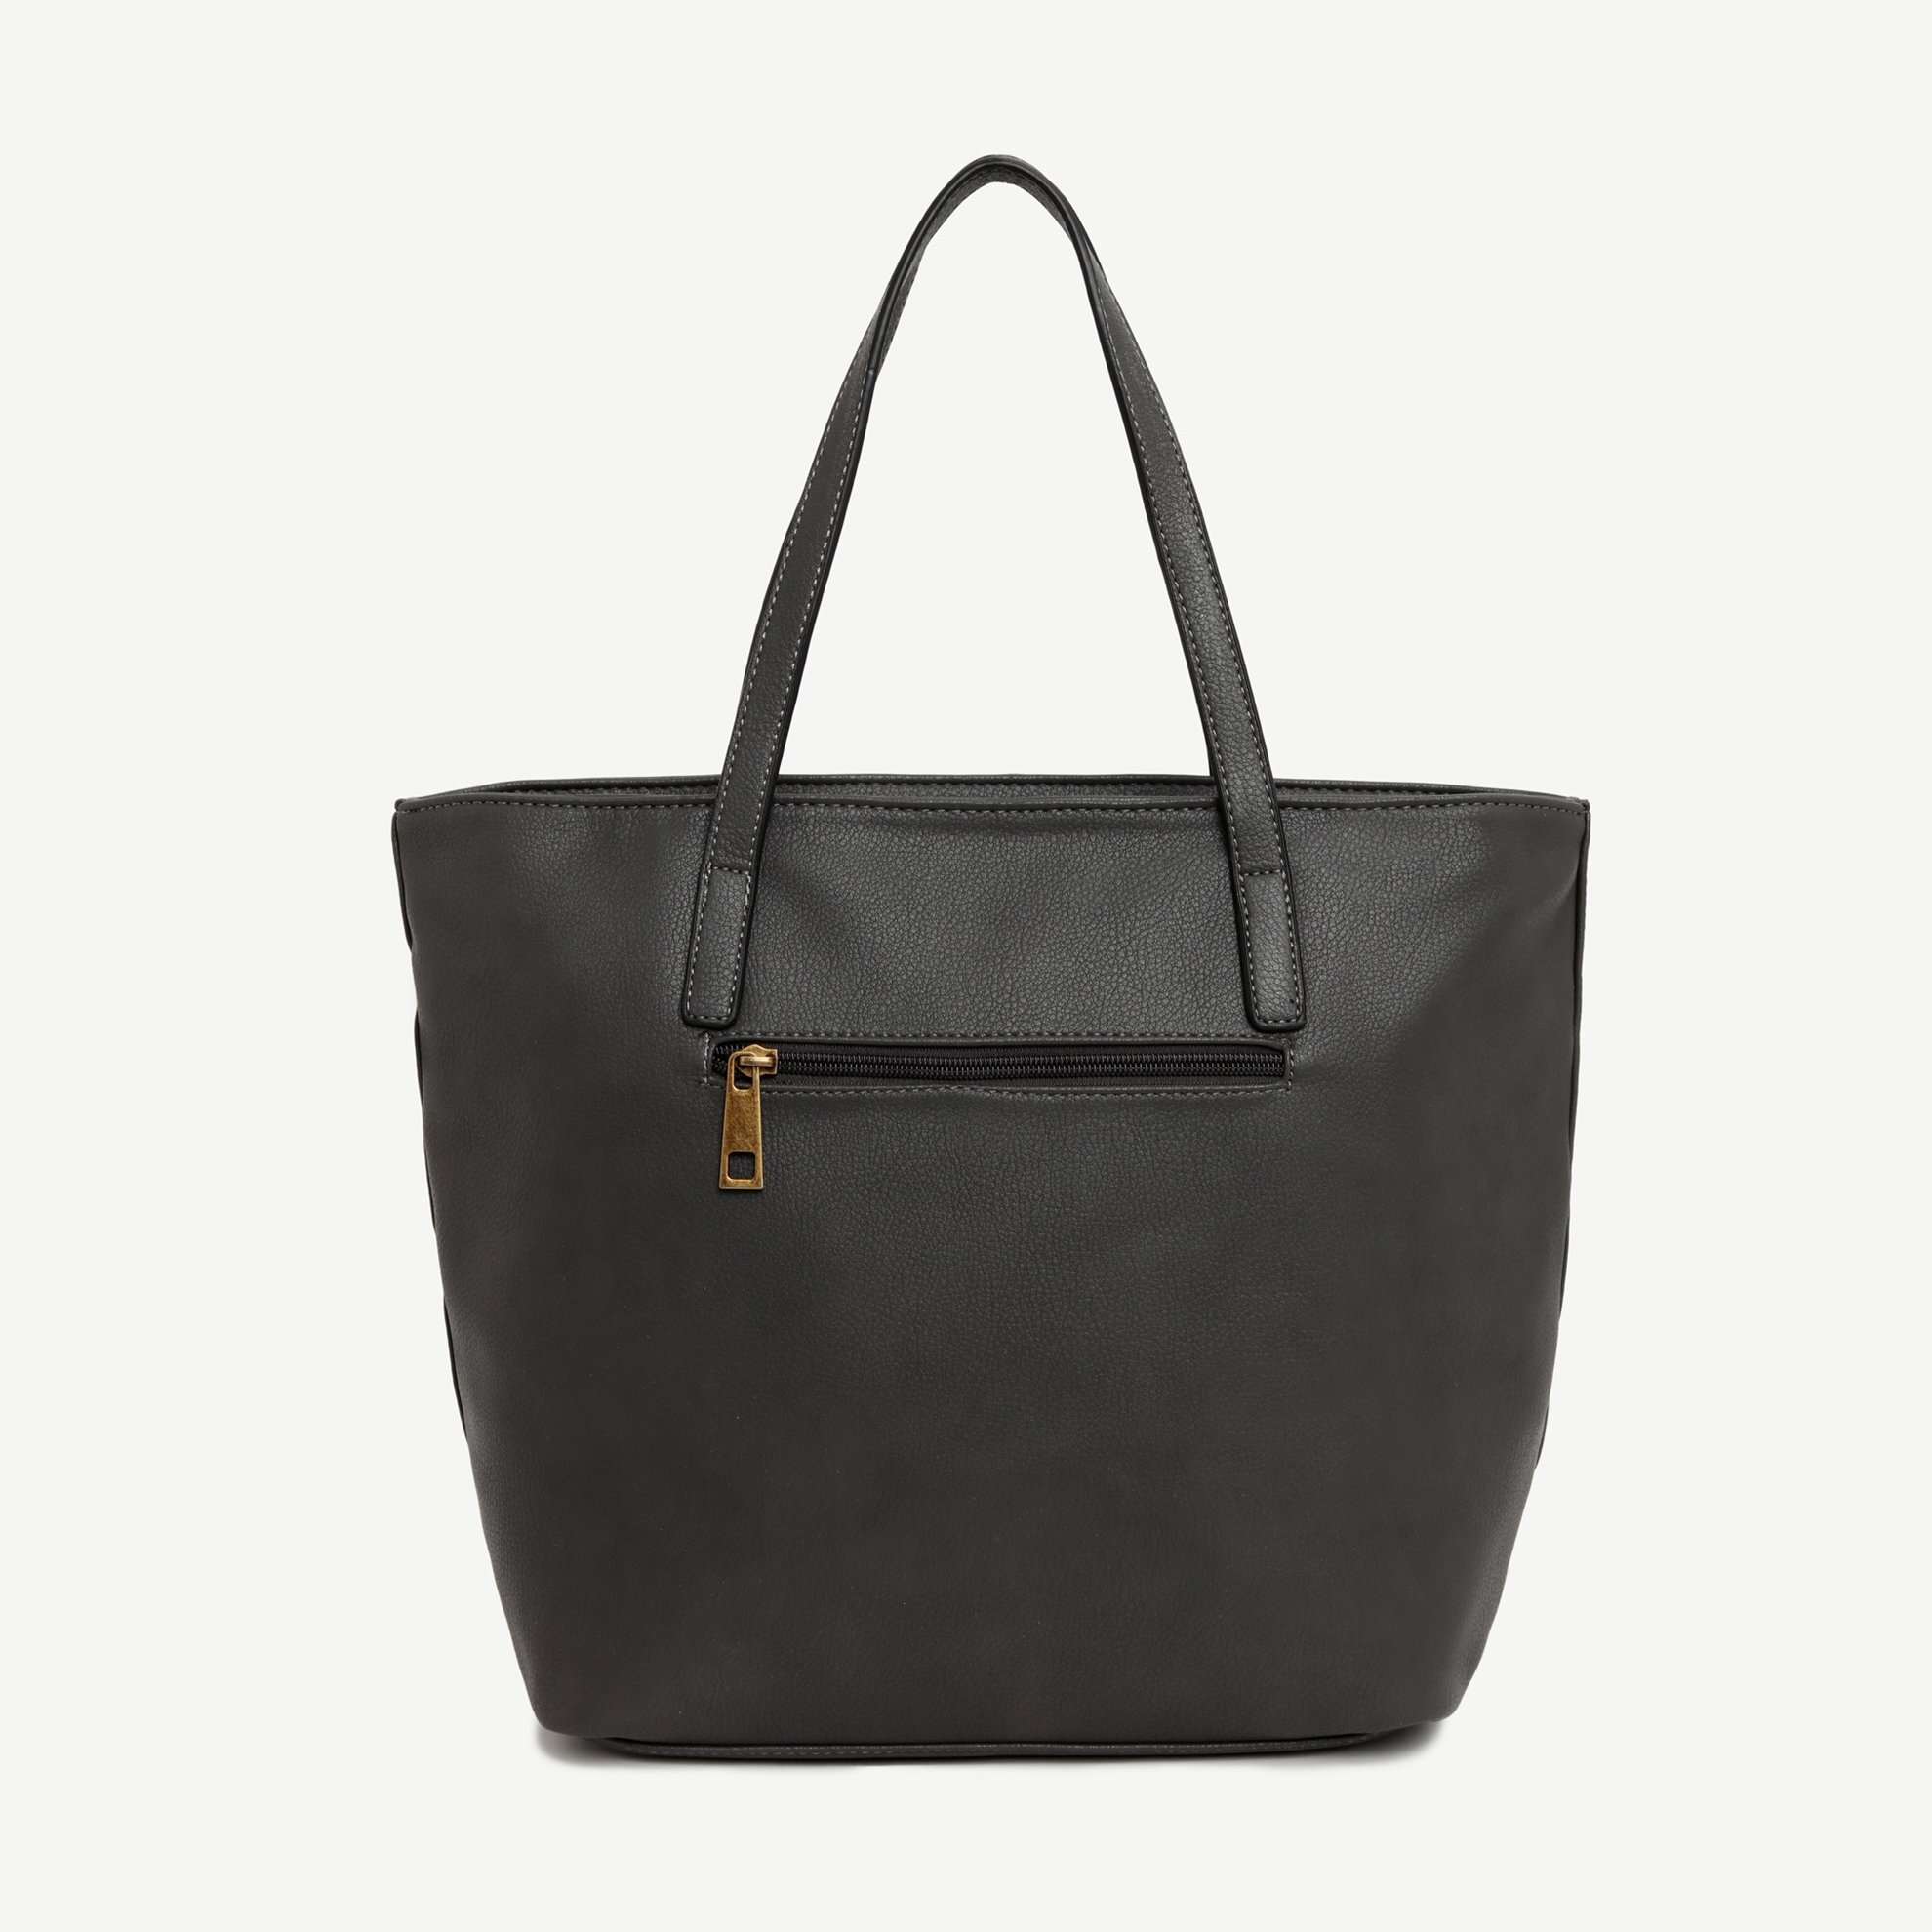 Handtasche mit Täschchen